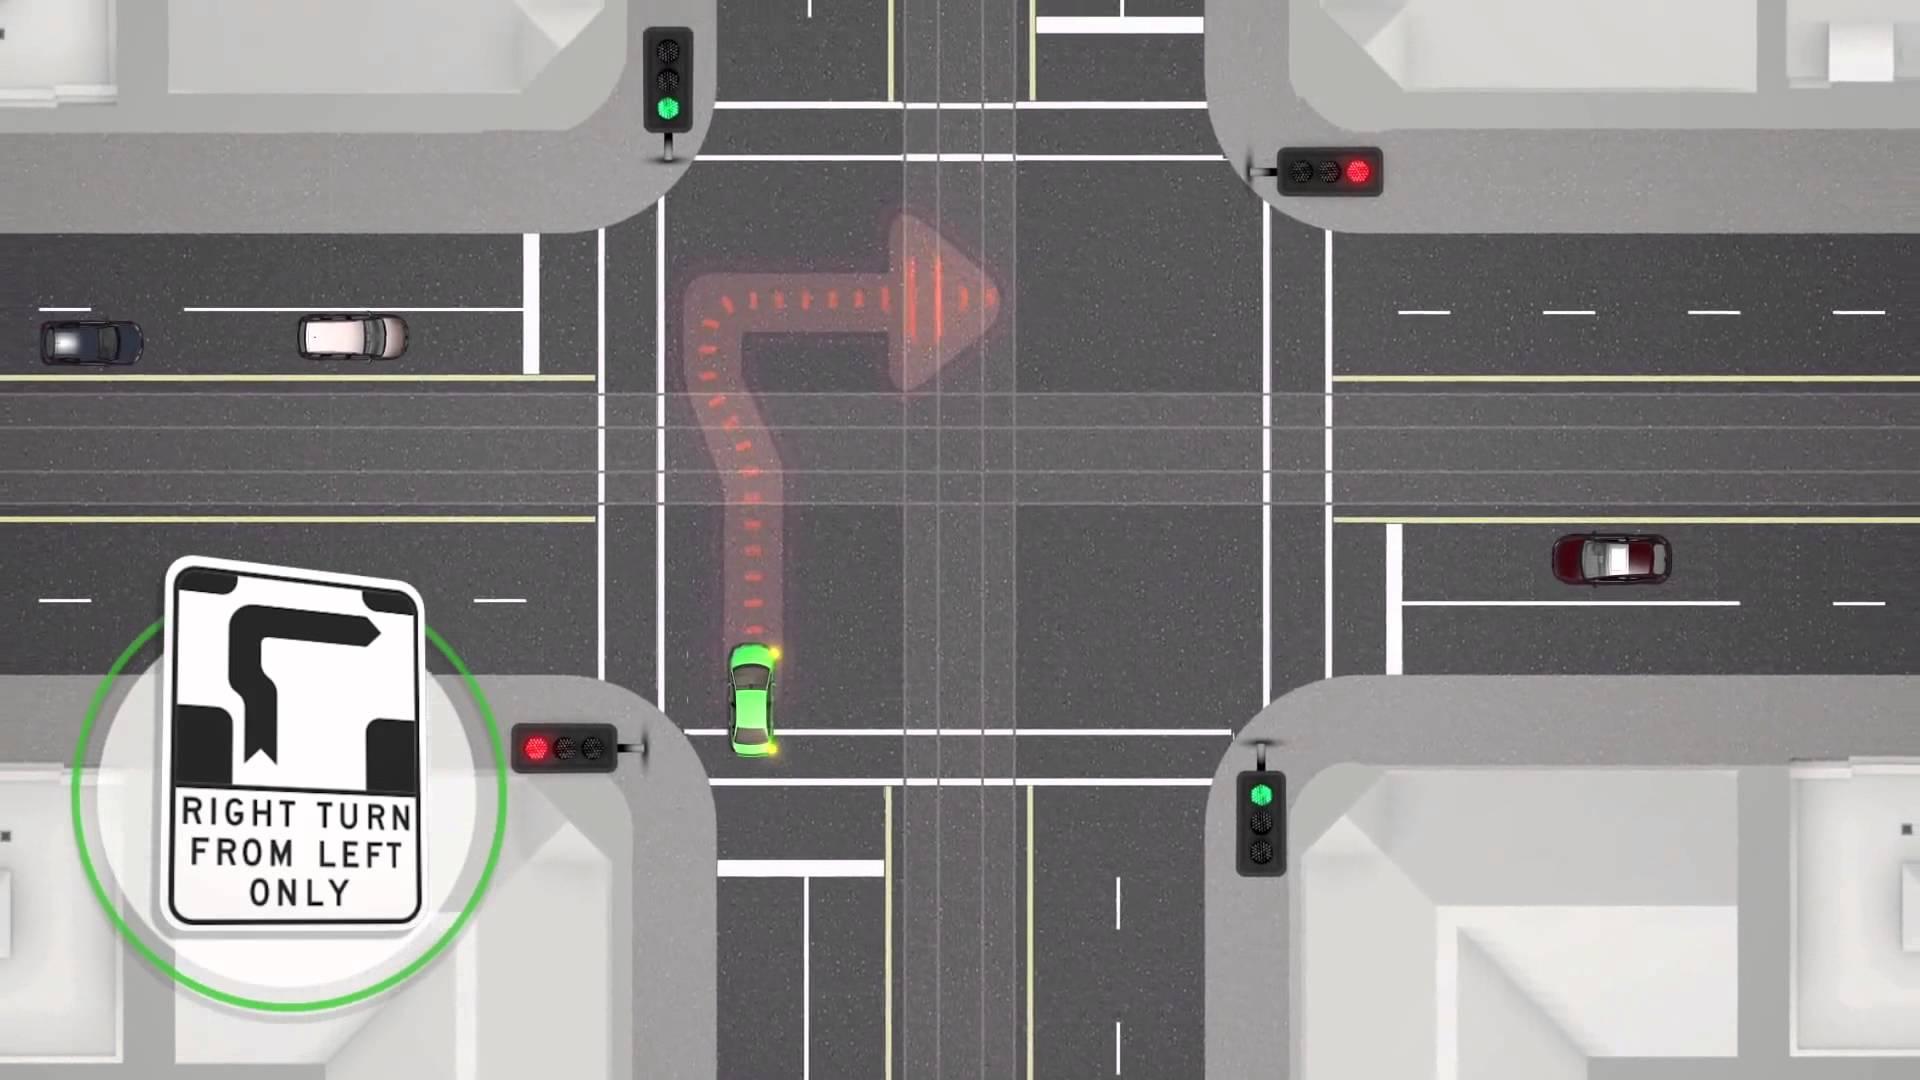 نکته آموزشی کاربردی برای رانندگی در مرکز ملبورن